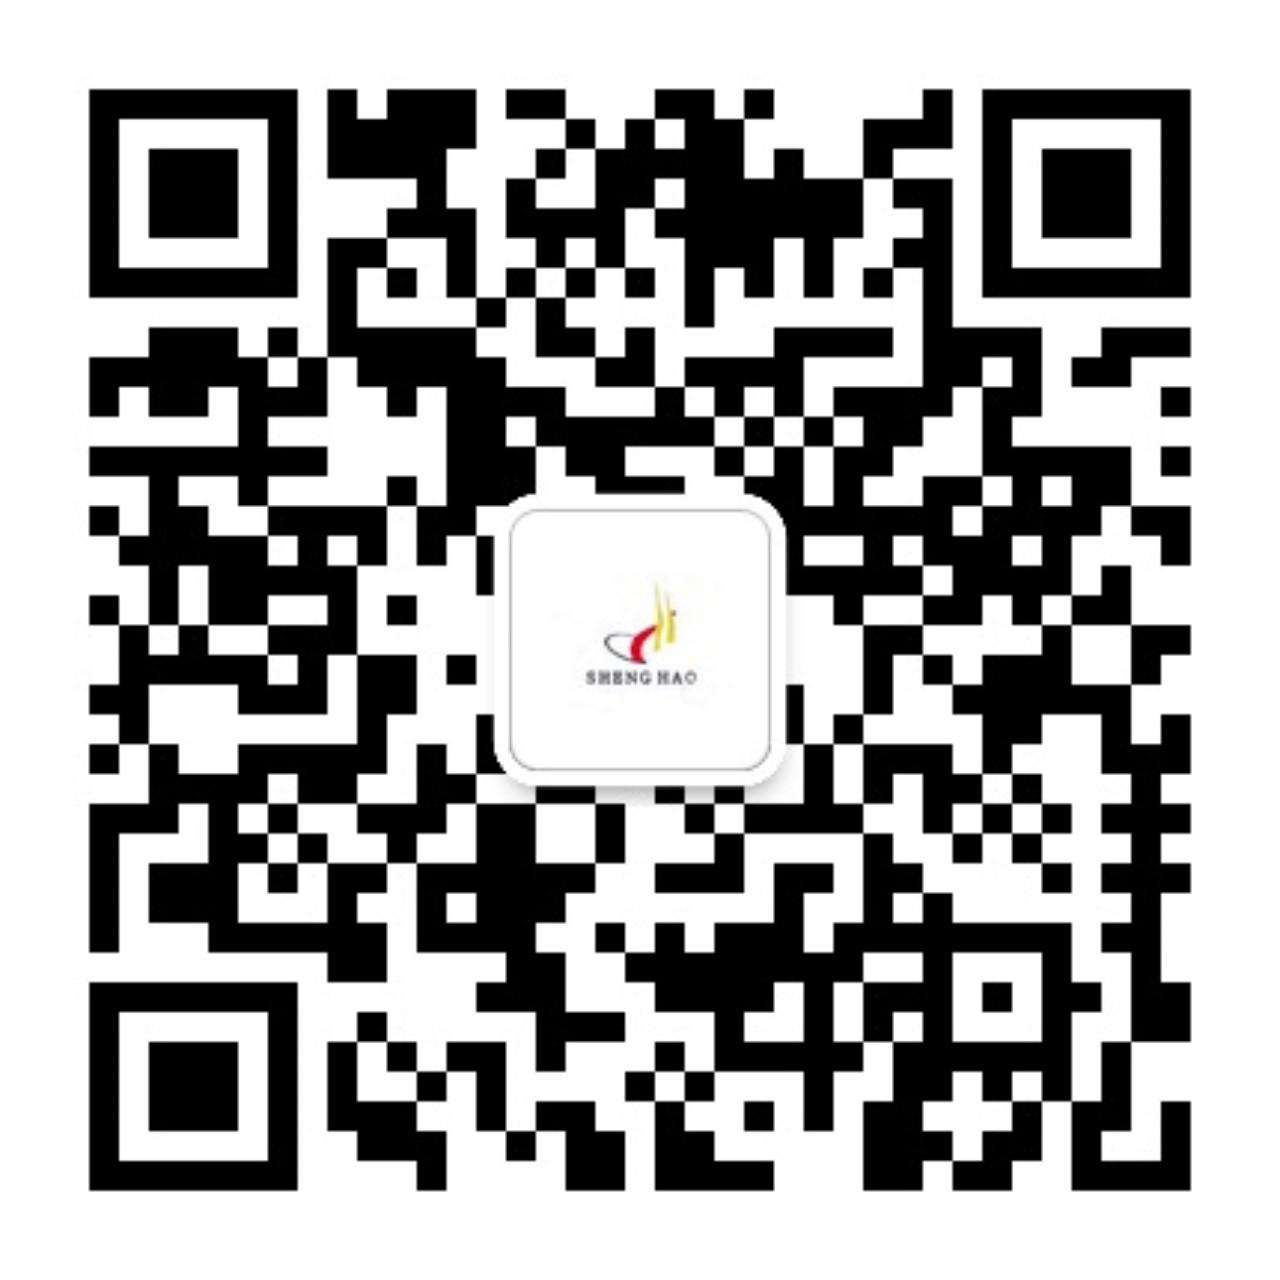 西安盛浩广告旗舰店二维码